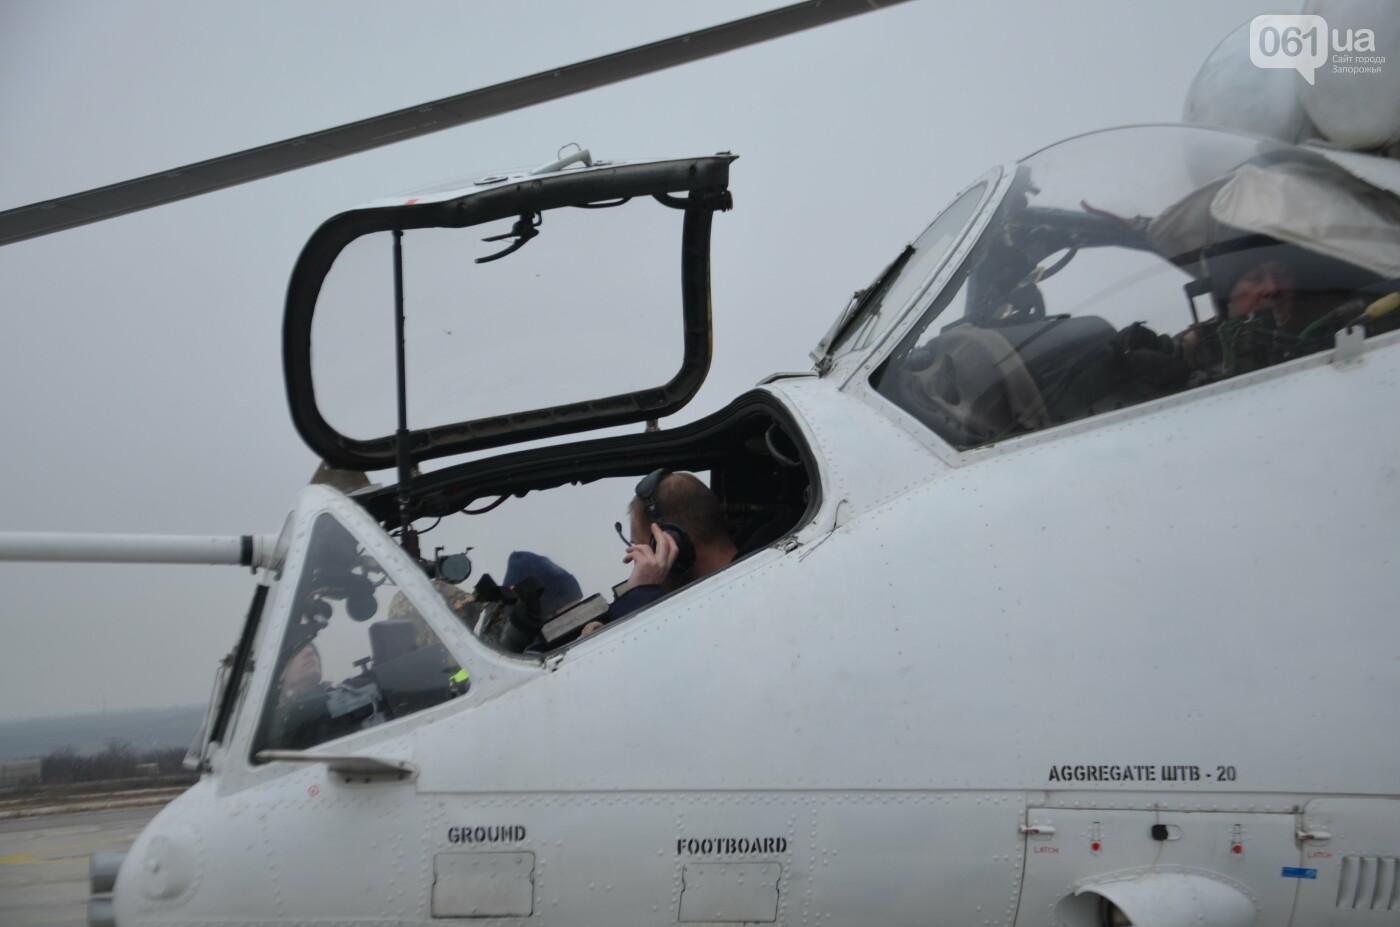 В Запорожье прошли первые испытания новых лопастей для военных вертолетов, - ФОТО, фото-27